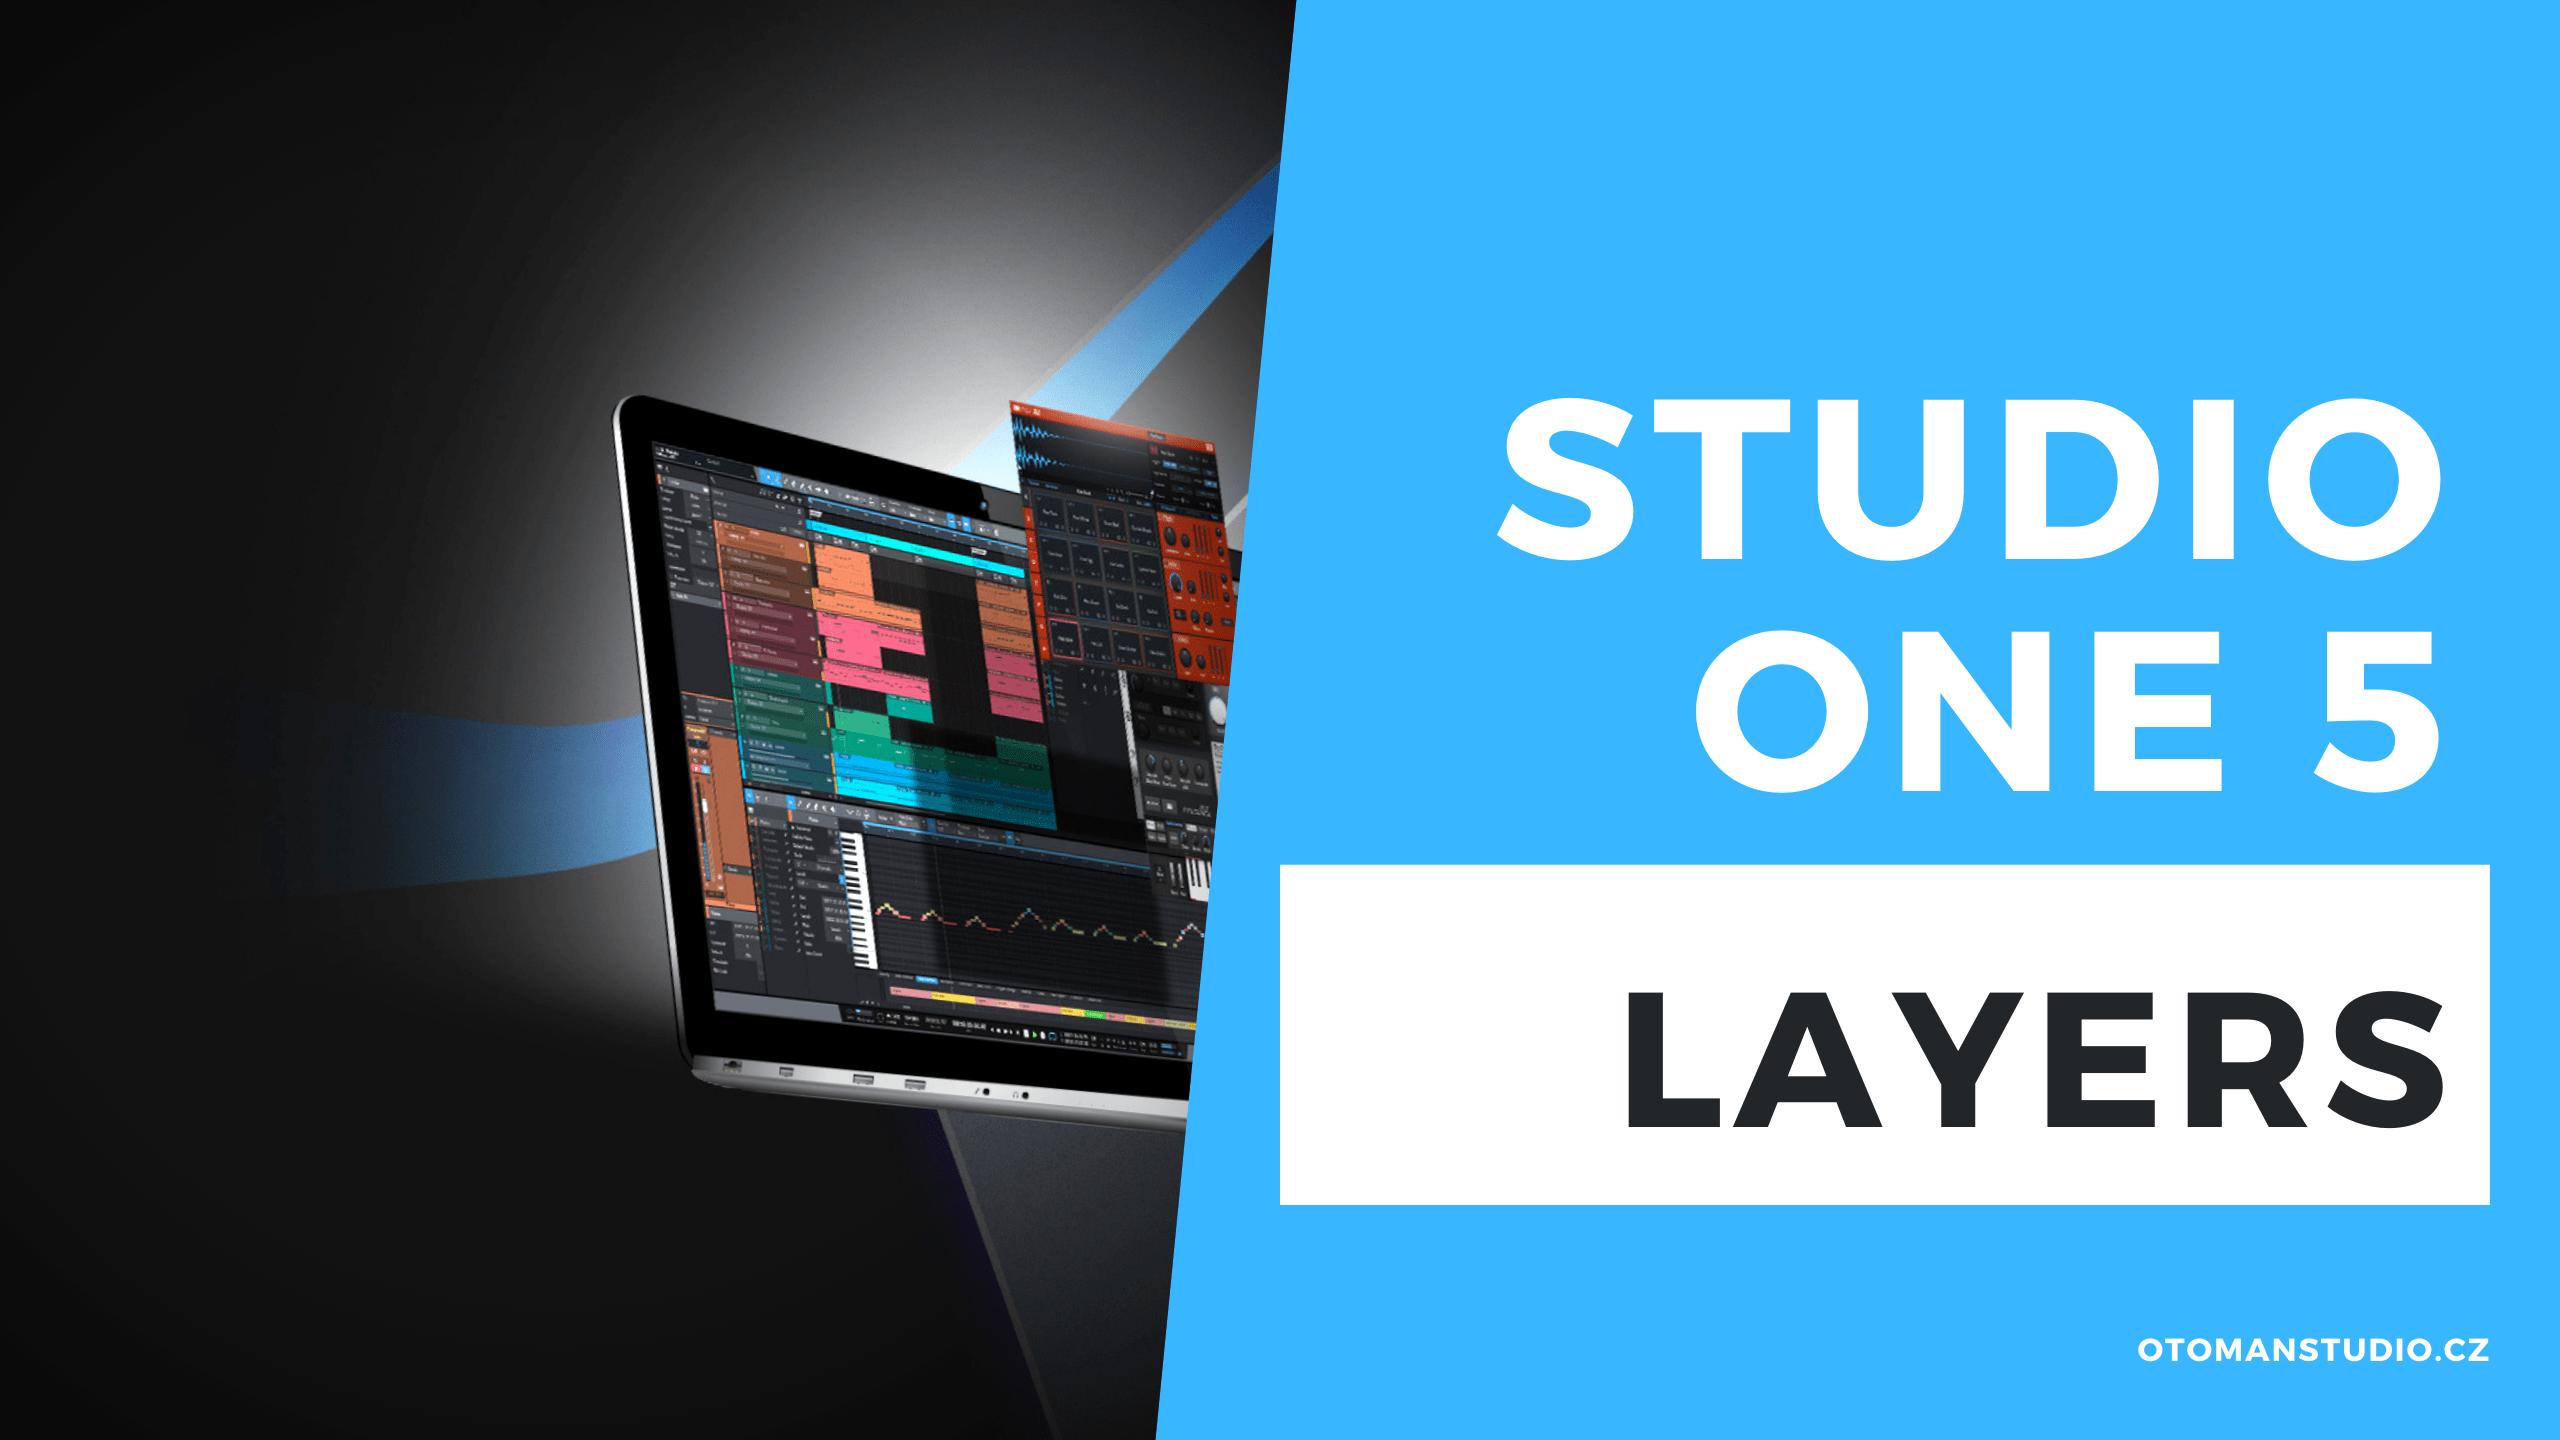 Studio One 5 – Layers